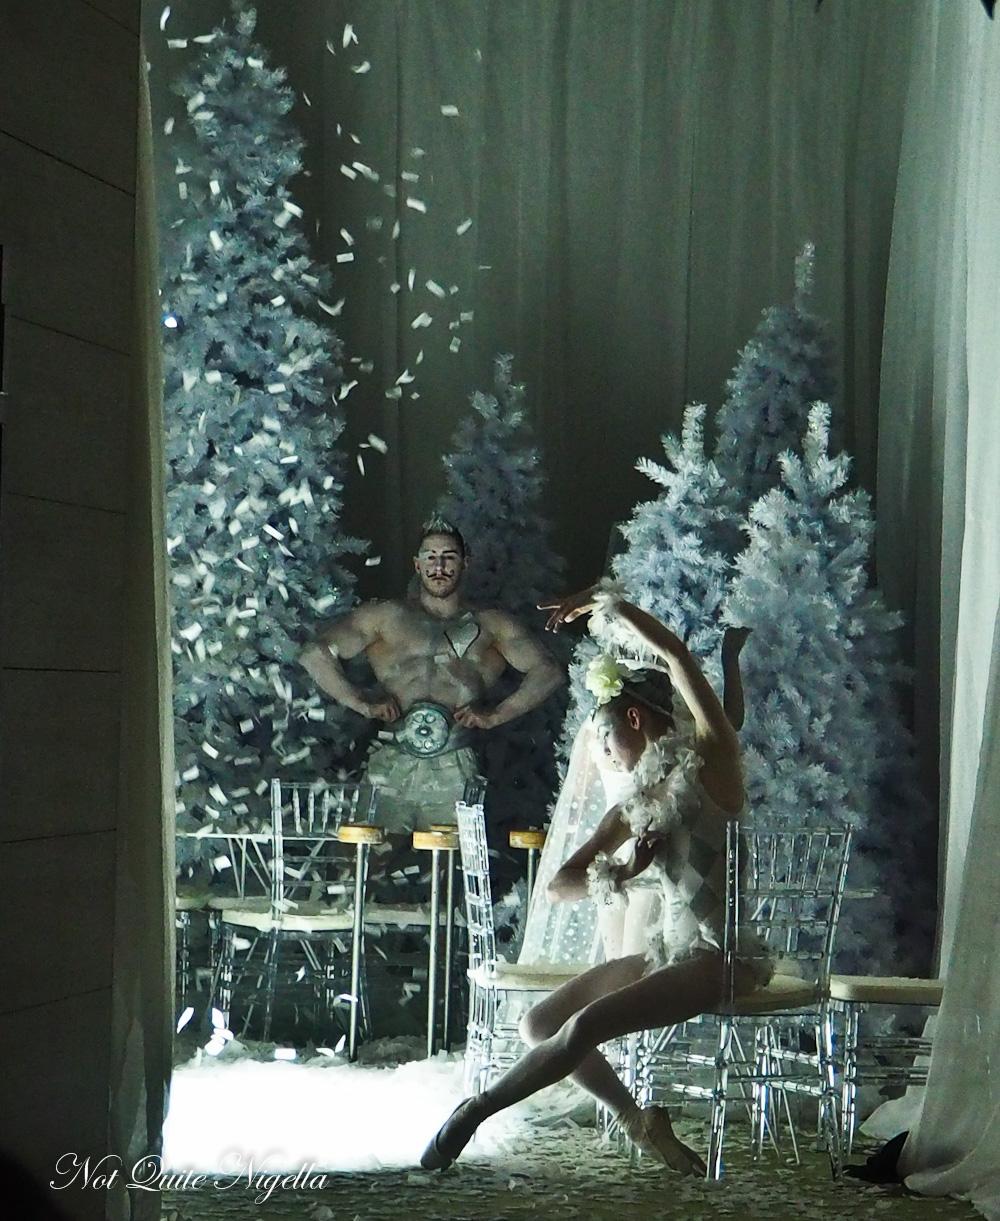 Grand Hyatt Christmas